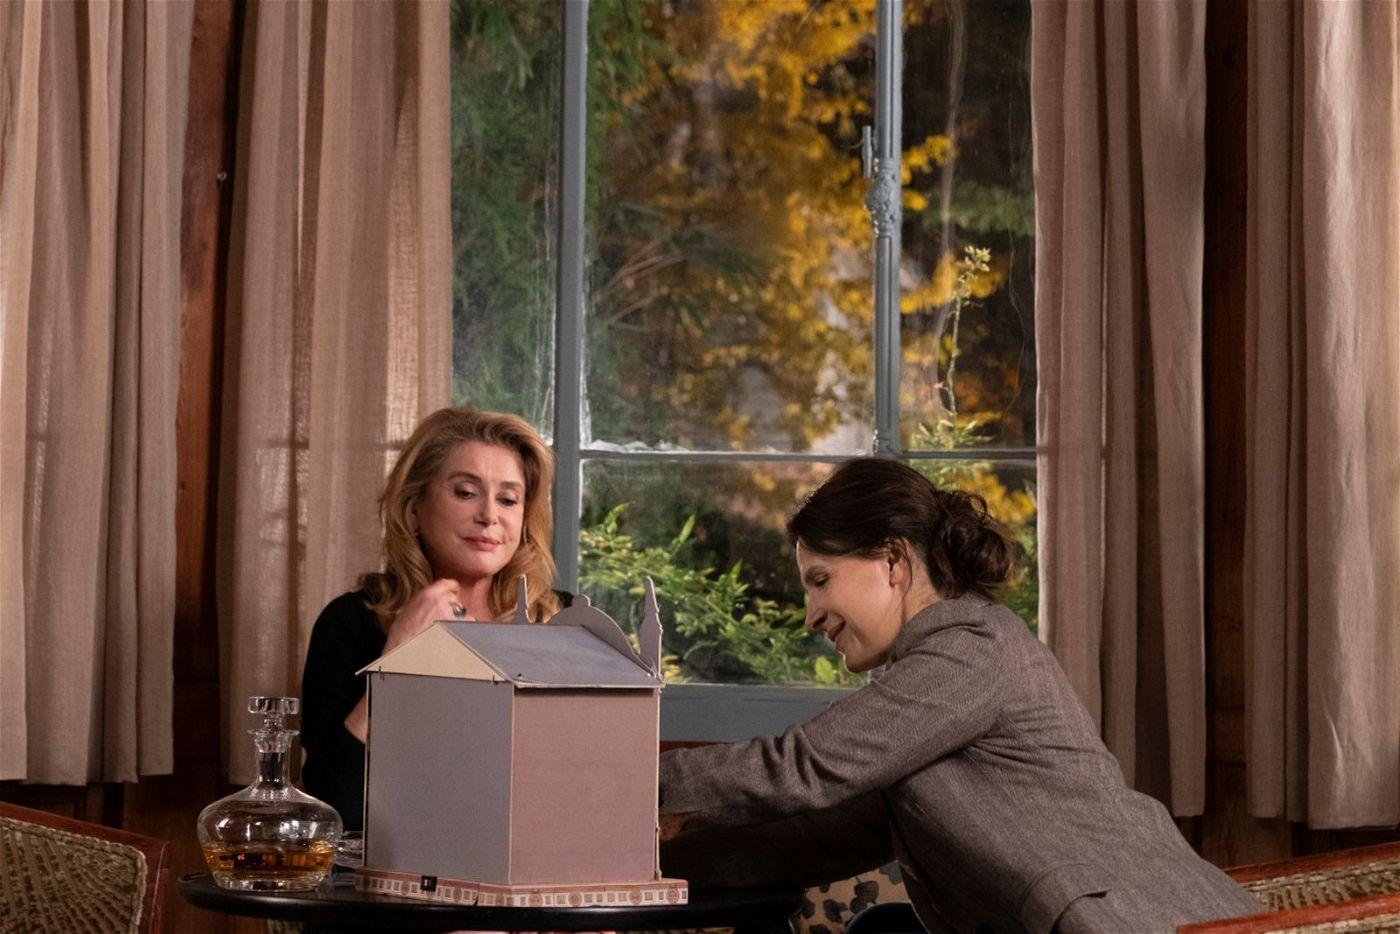 So kompliziert ihre Mutter-Tochter-Beziehung auch ist: Am Ende erkennen Fabienne (Catherine Deneuve, links) und Lumir (Juliette Binoche), dass unterschiedliche Erinnerungen ihre Bande nicht trennen können.